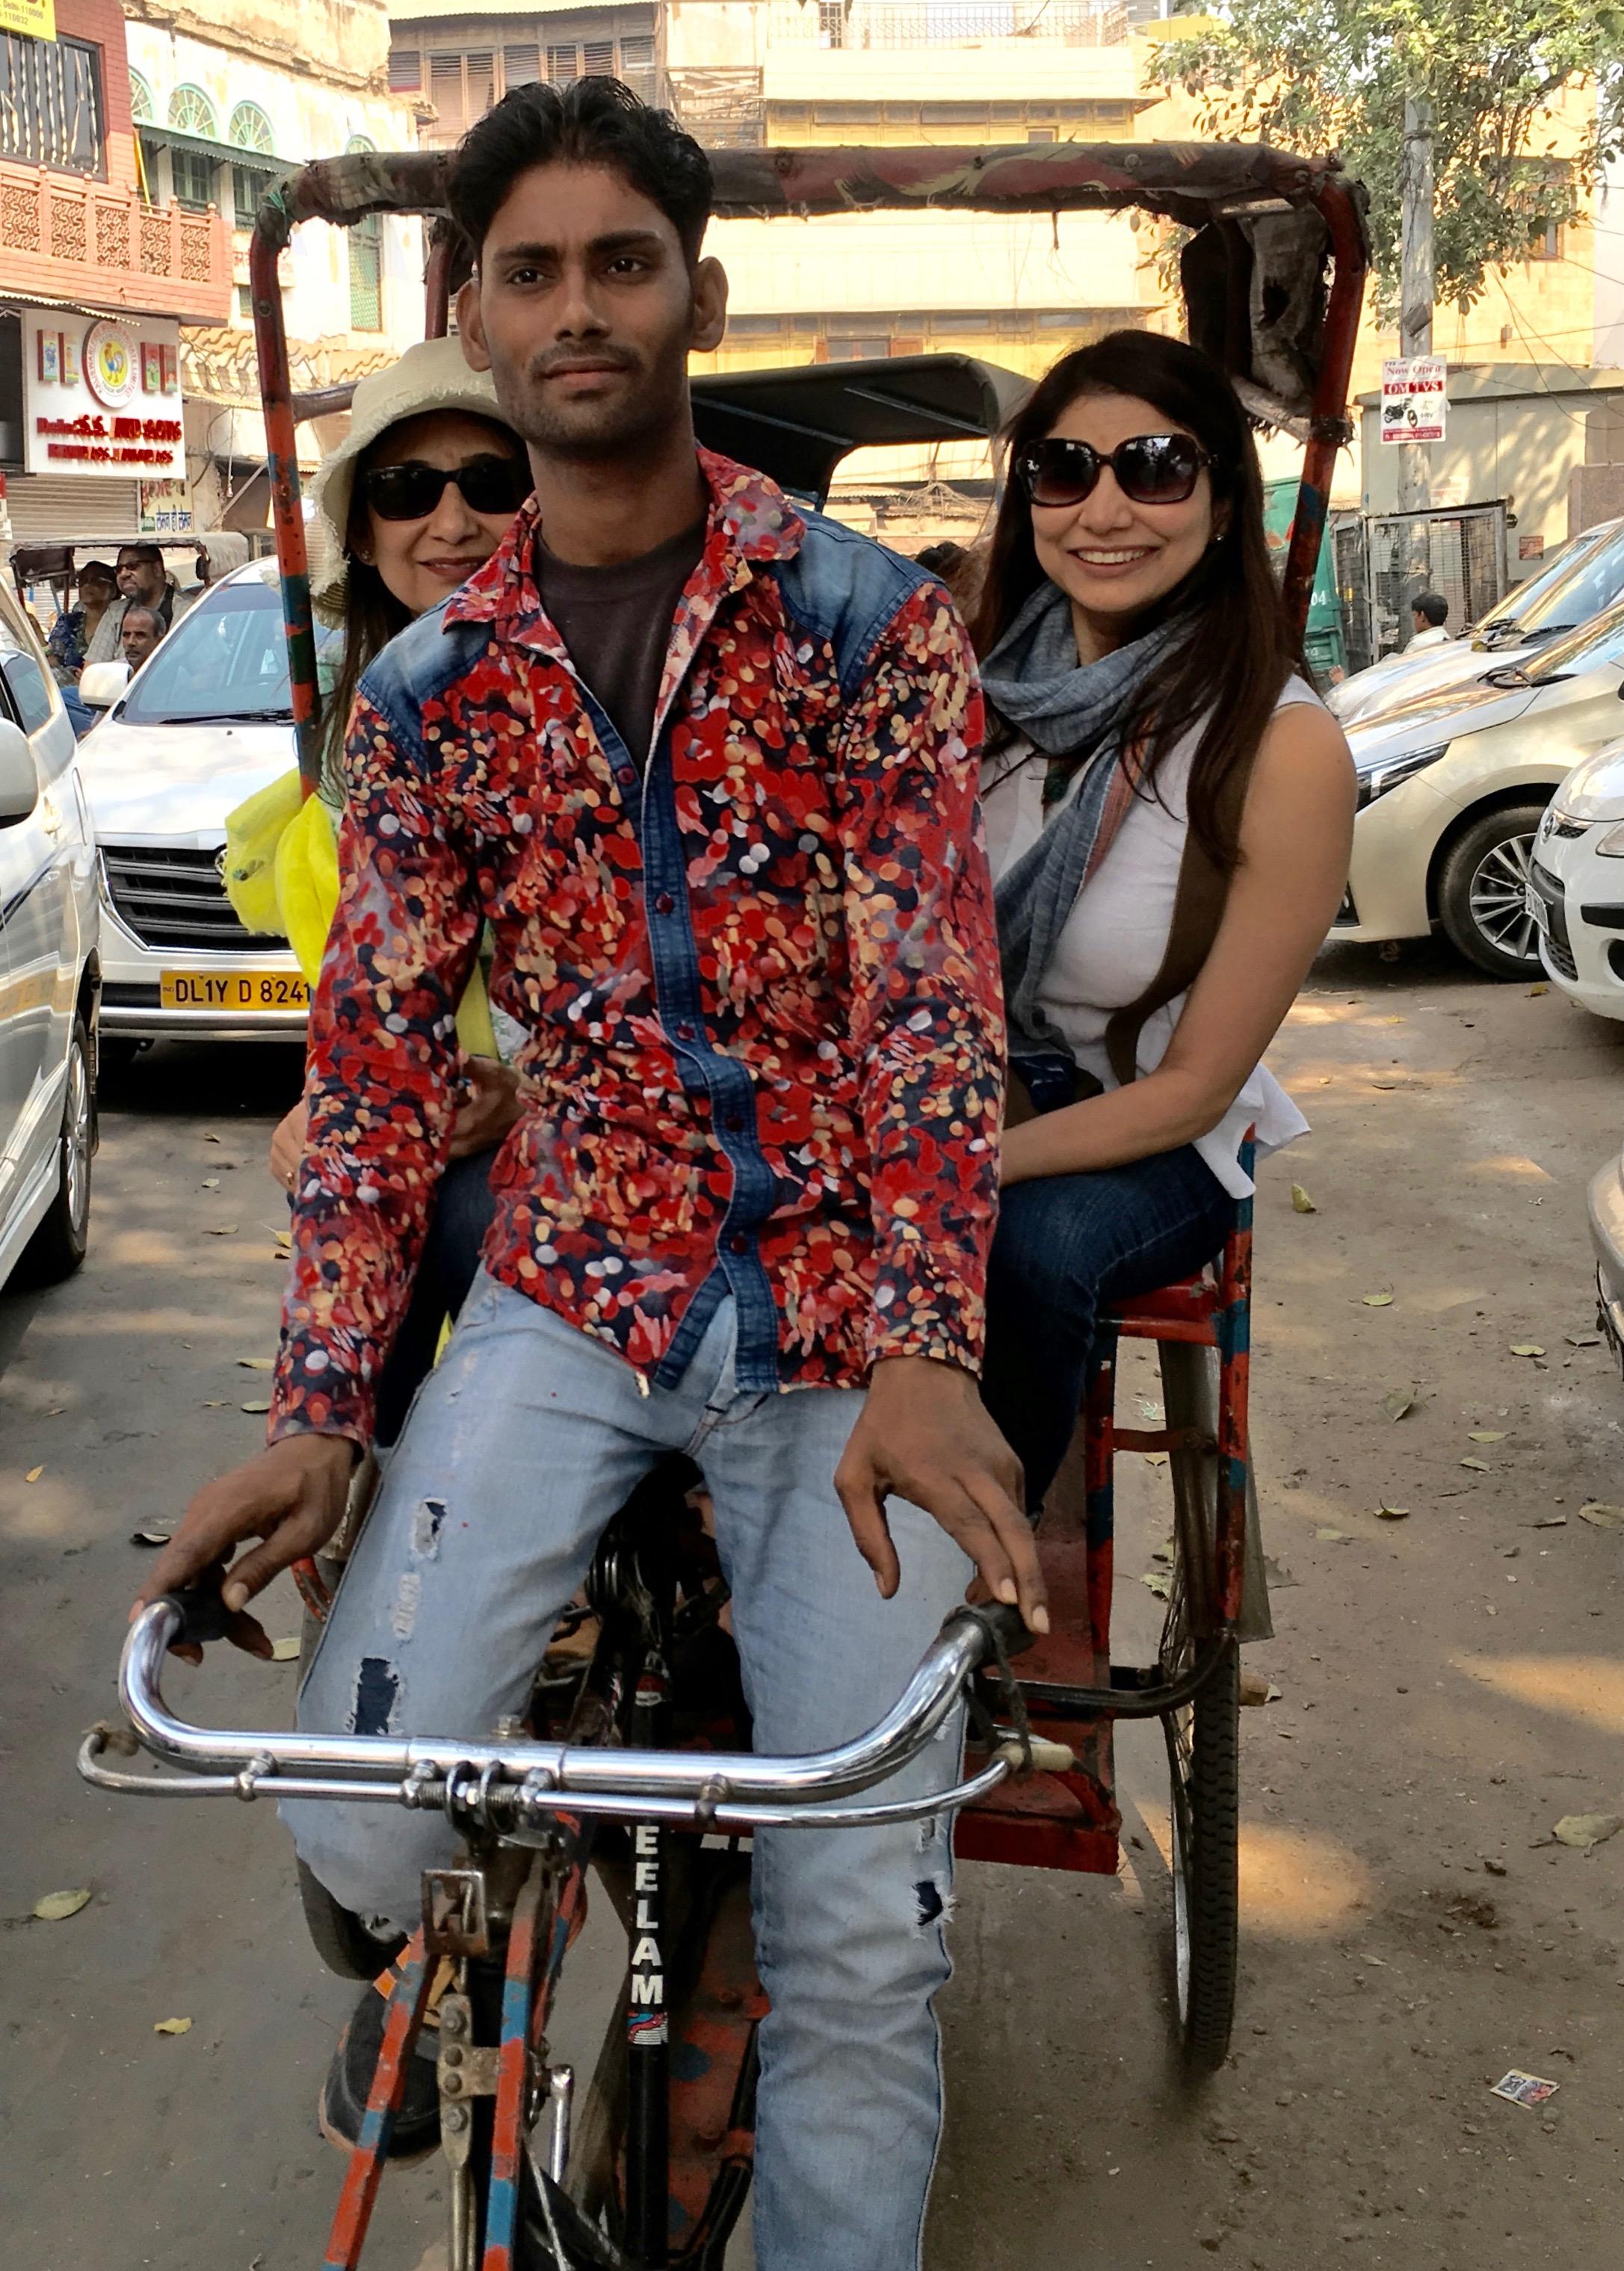 Rickshaw ride, Old Delhi